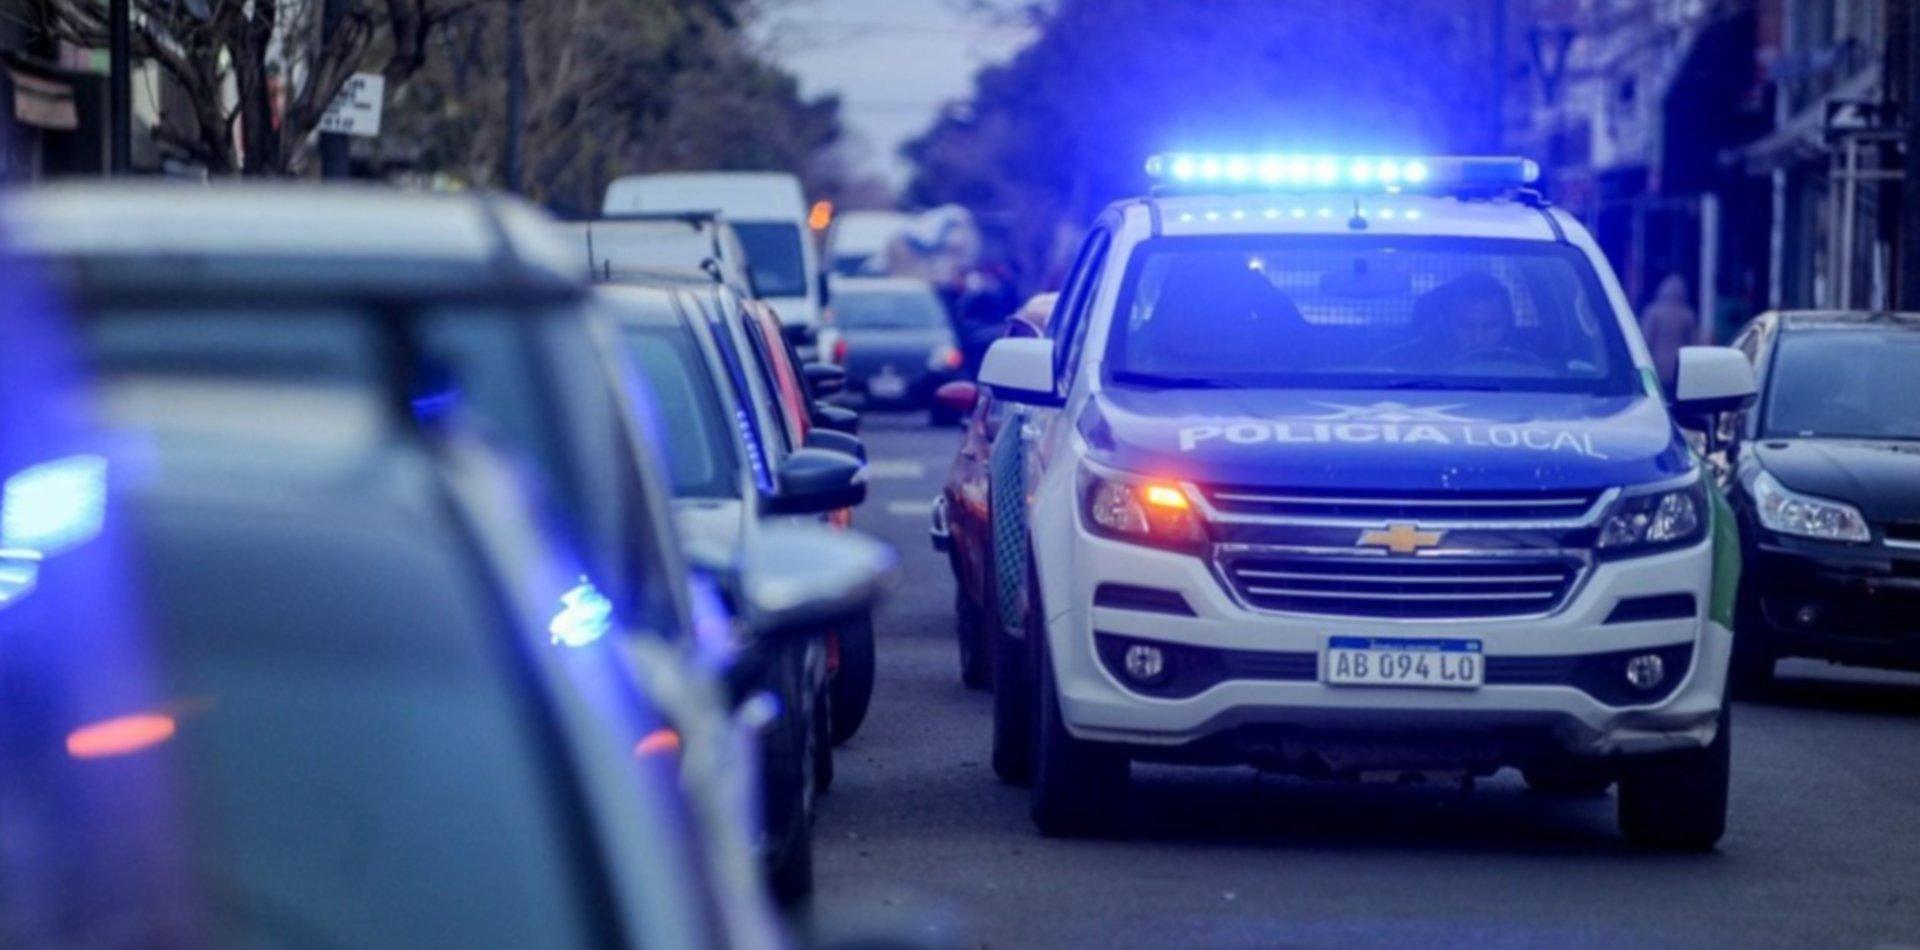 Apuñalaron a un joven en La Plata en un confuso episodio y escaparon